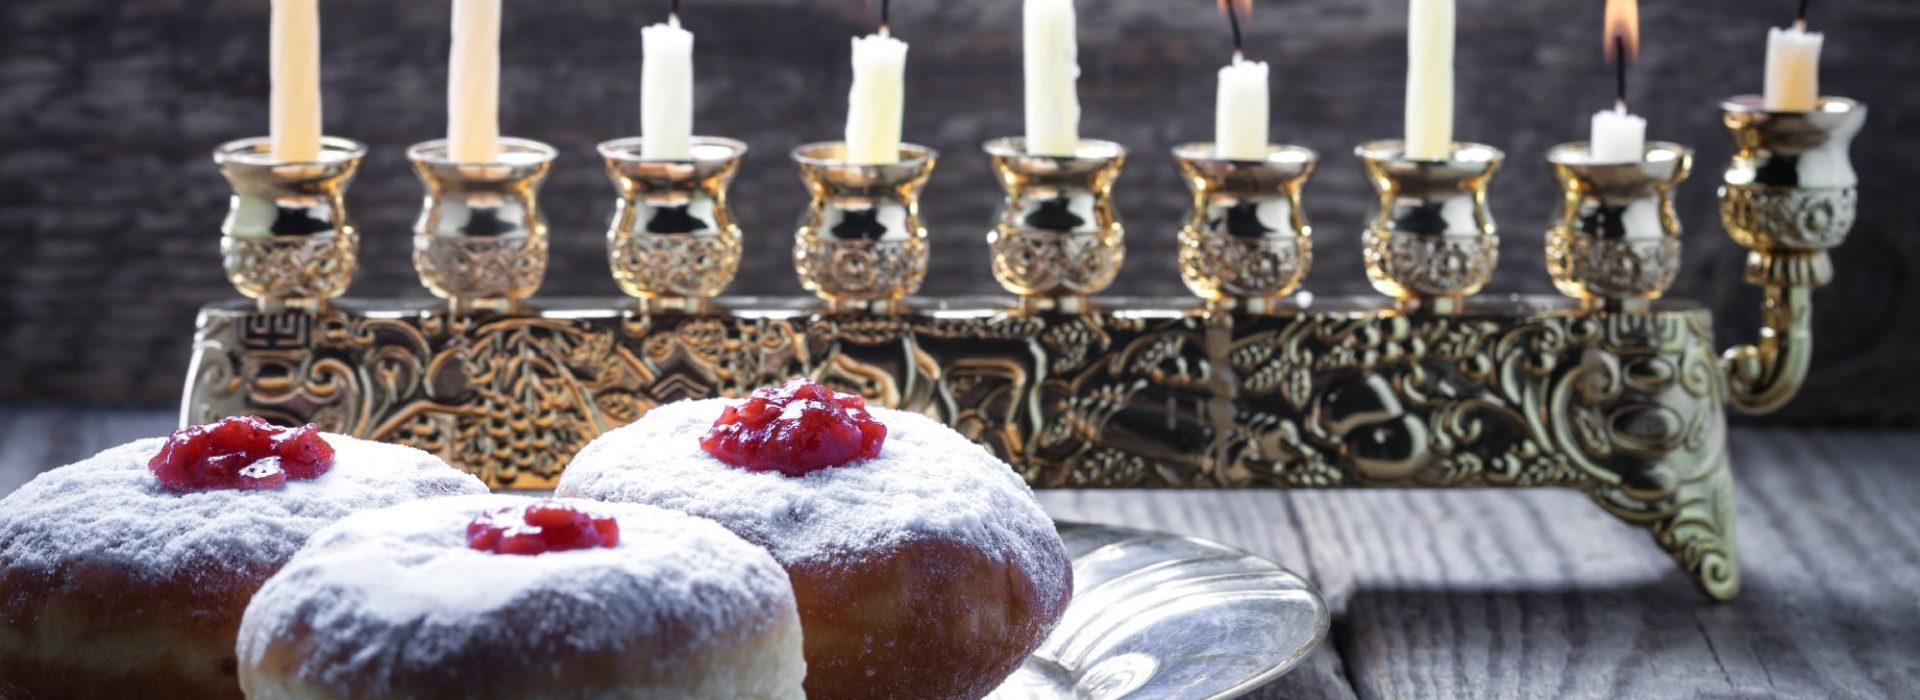 Hanukkah Desserts Blog Image. Image du blog desserts d'Hanoukka.